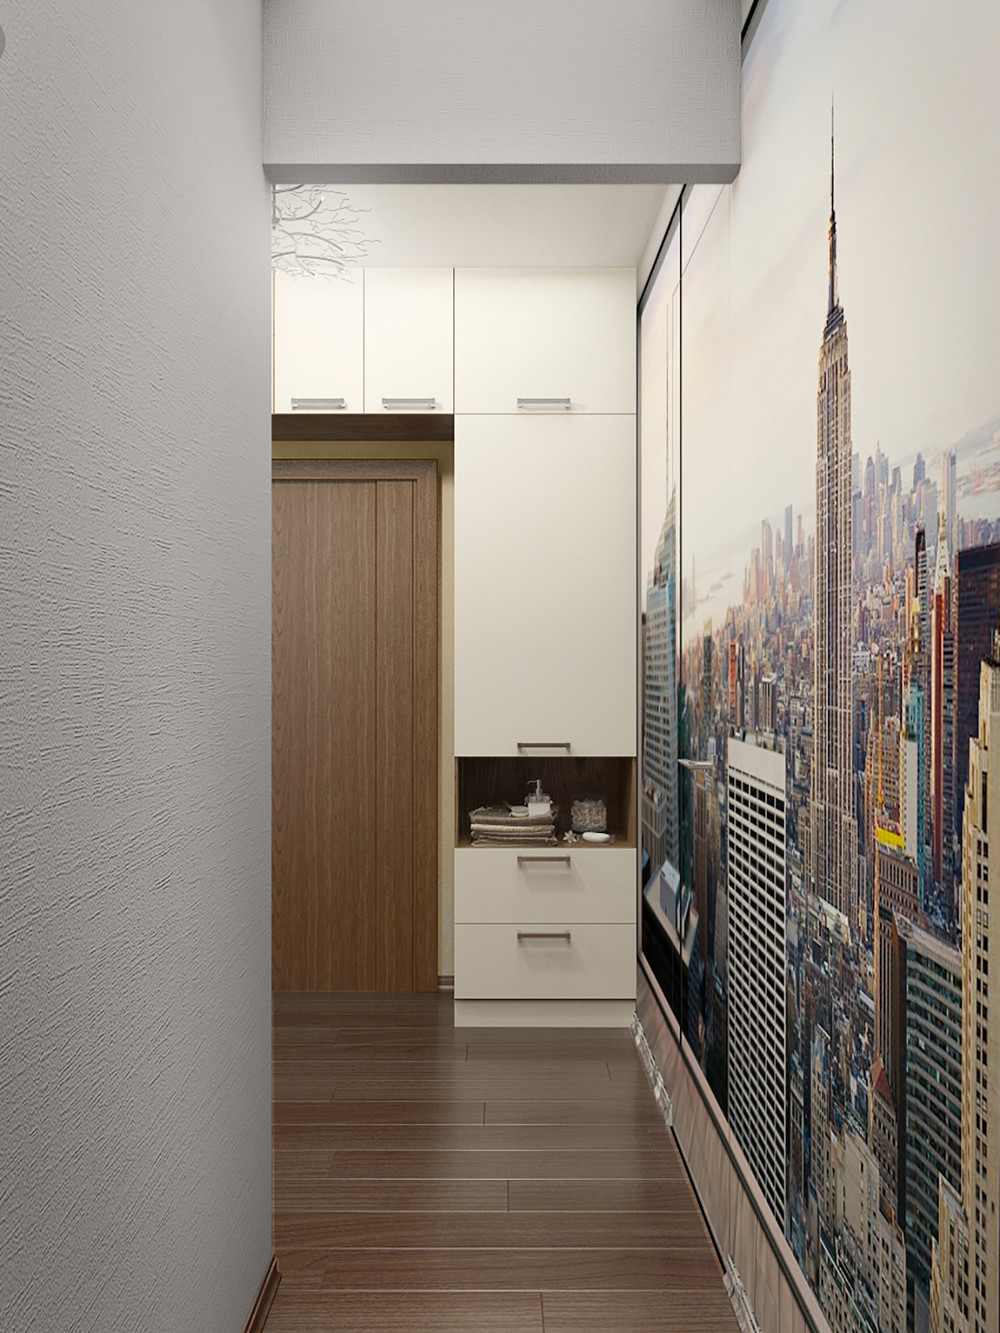 dvustaen-apartament-s-moderen-i-praktichen-interior-v-moskva-58-m-915g